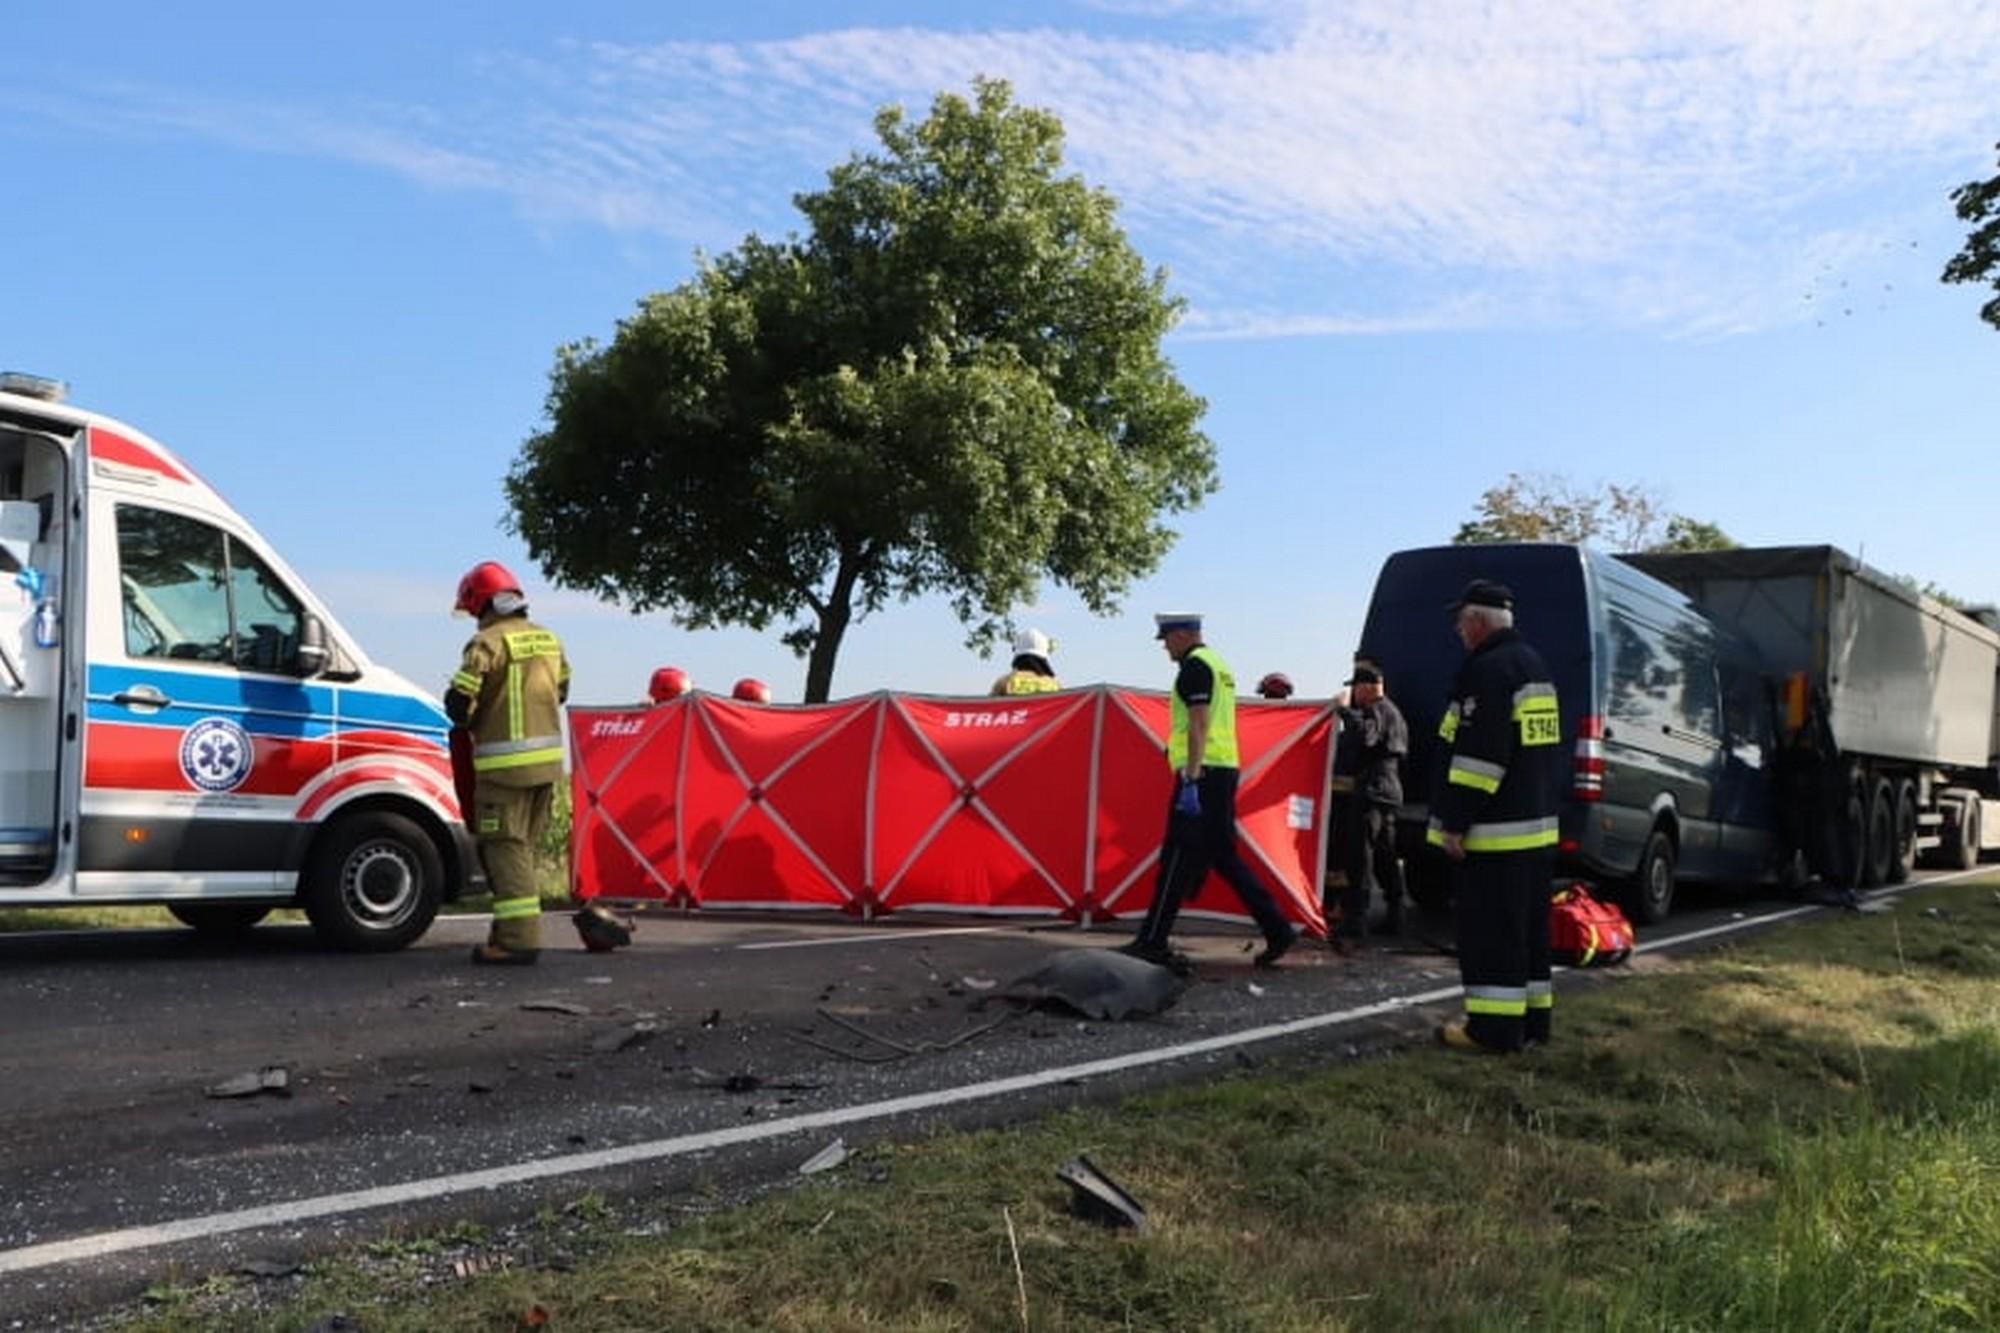 Wypadek na krajowej 36. Na miejscu lądował śmigłowiec LPR [ZDJĘCIA, WIDEO] - Zdjęcie główne